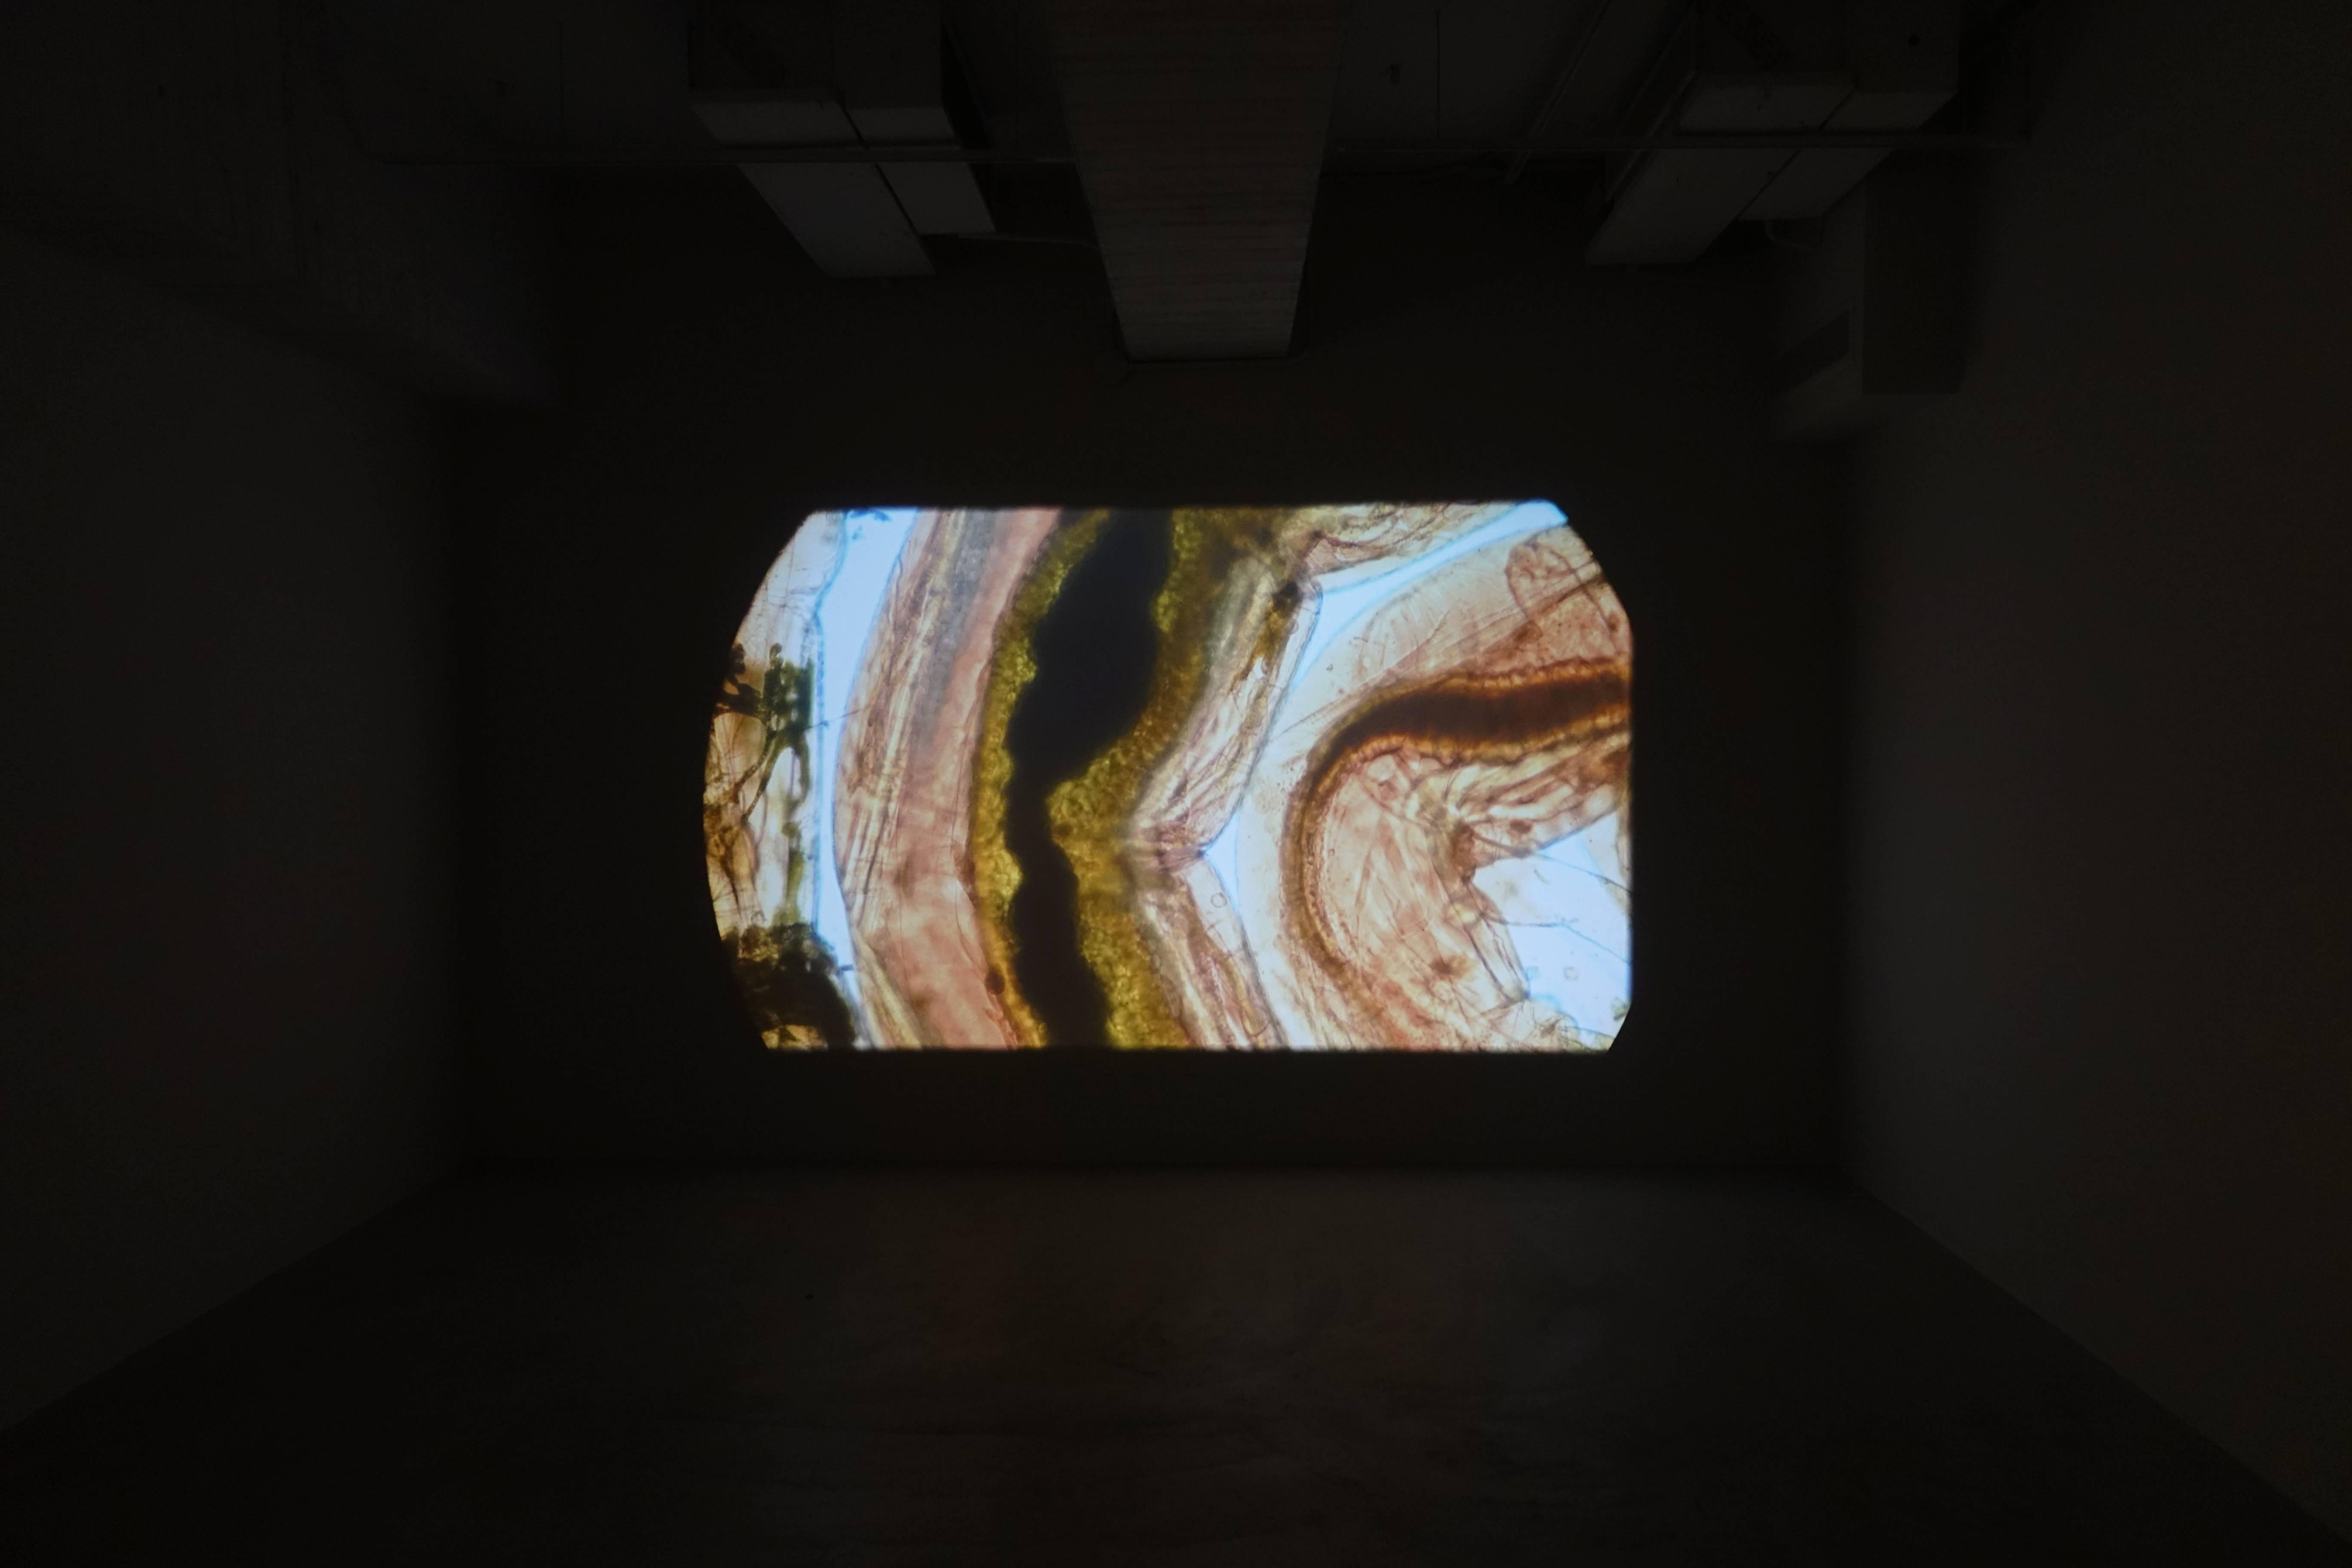 薩伊夫.加里波第,《可信的微生物#16》,高畫質錄像,2018。圖/譚竣鴻攝。